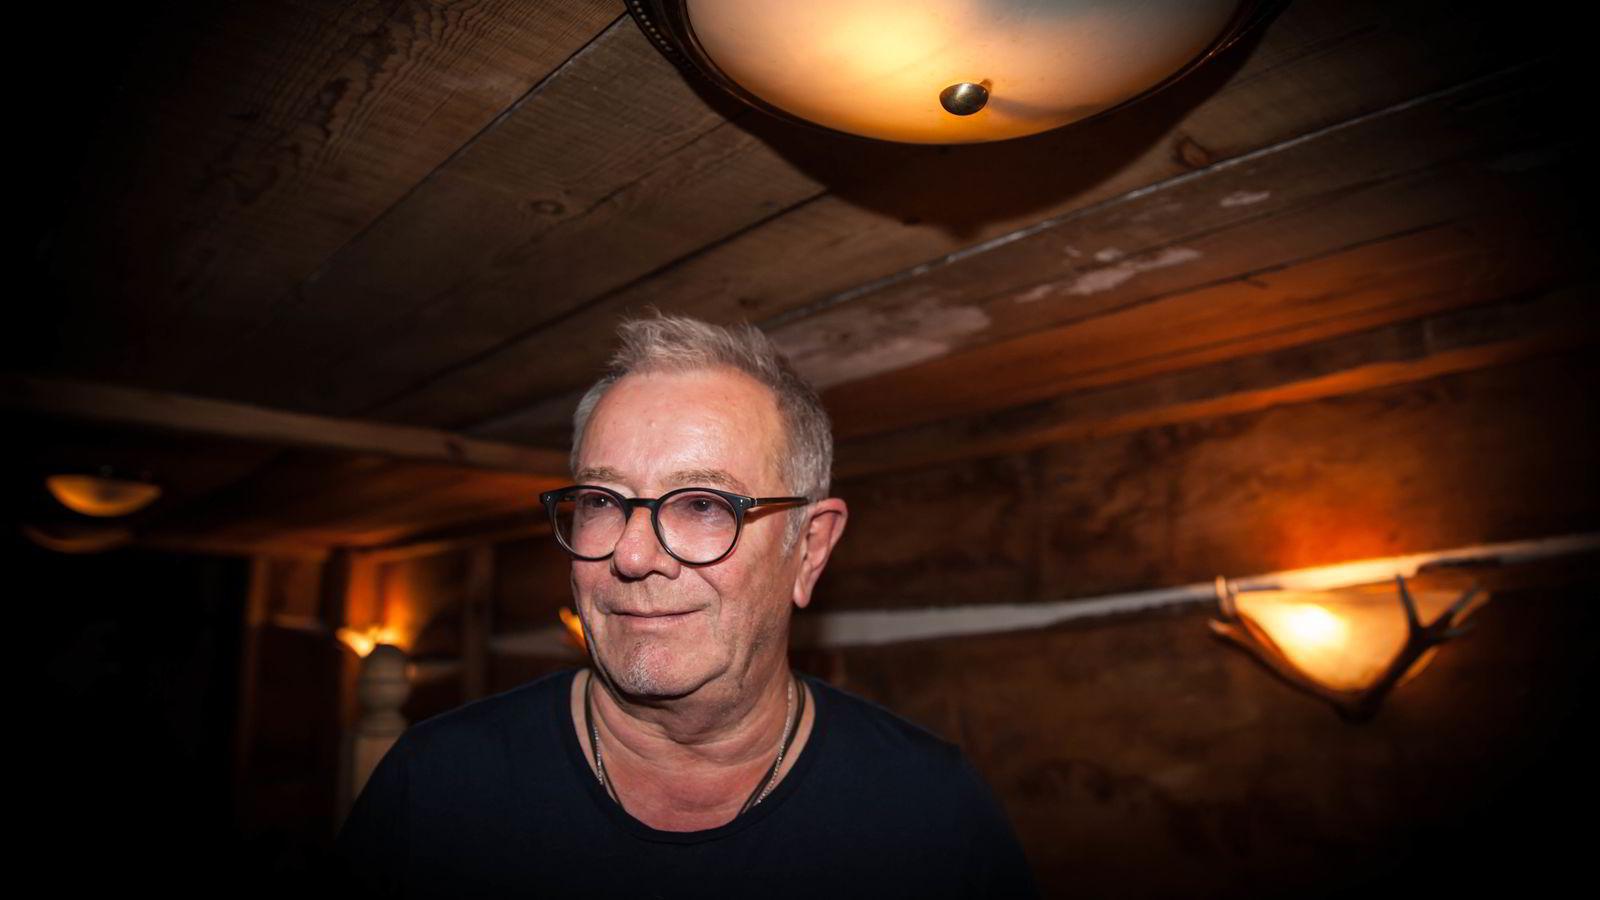 Åge Aleksandersen spilte inn i overkant av 13 millioner i fjor - en liten nedgang fra året før. Foto: Geir Otto Johansen